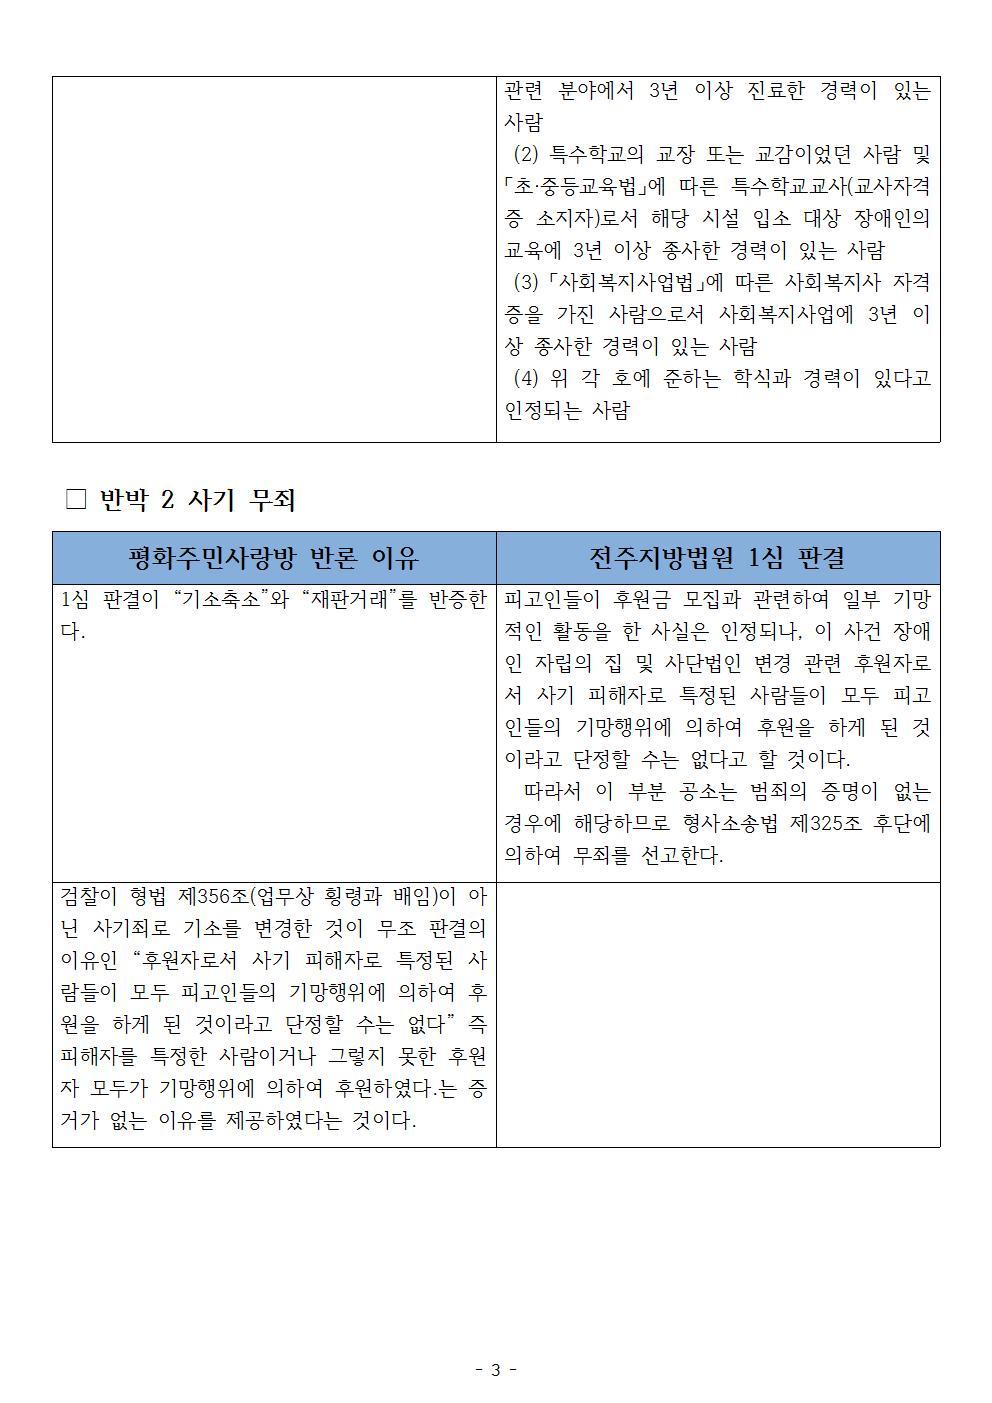 """[논평] 전주 봉침게이트, 1심 판결이 """"기소축소""""와 """"재판거래""""를 반증한다004003.jpg"""